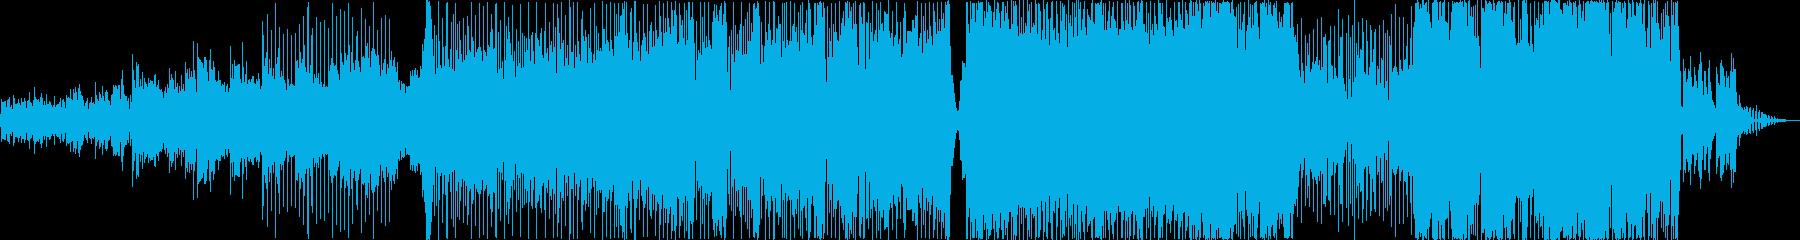 爽やか系ポップ_メロ抜きステム版の再生済みの波形